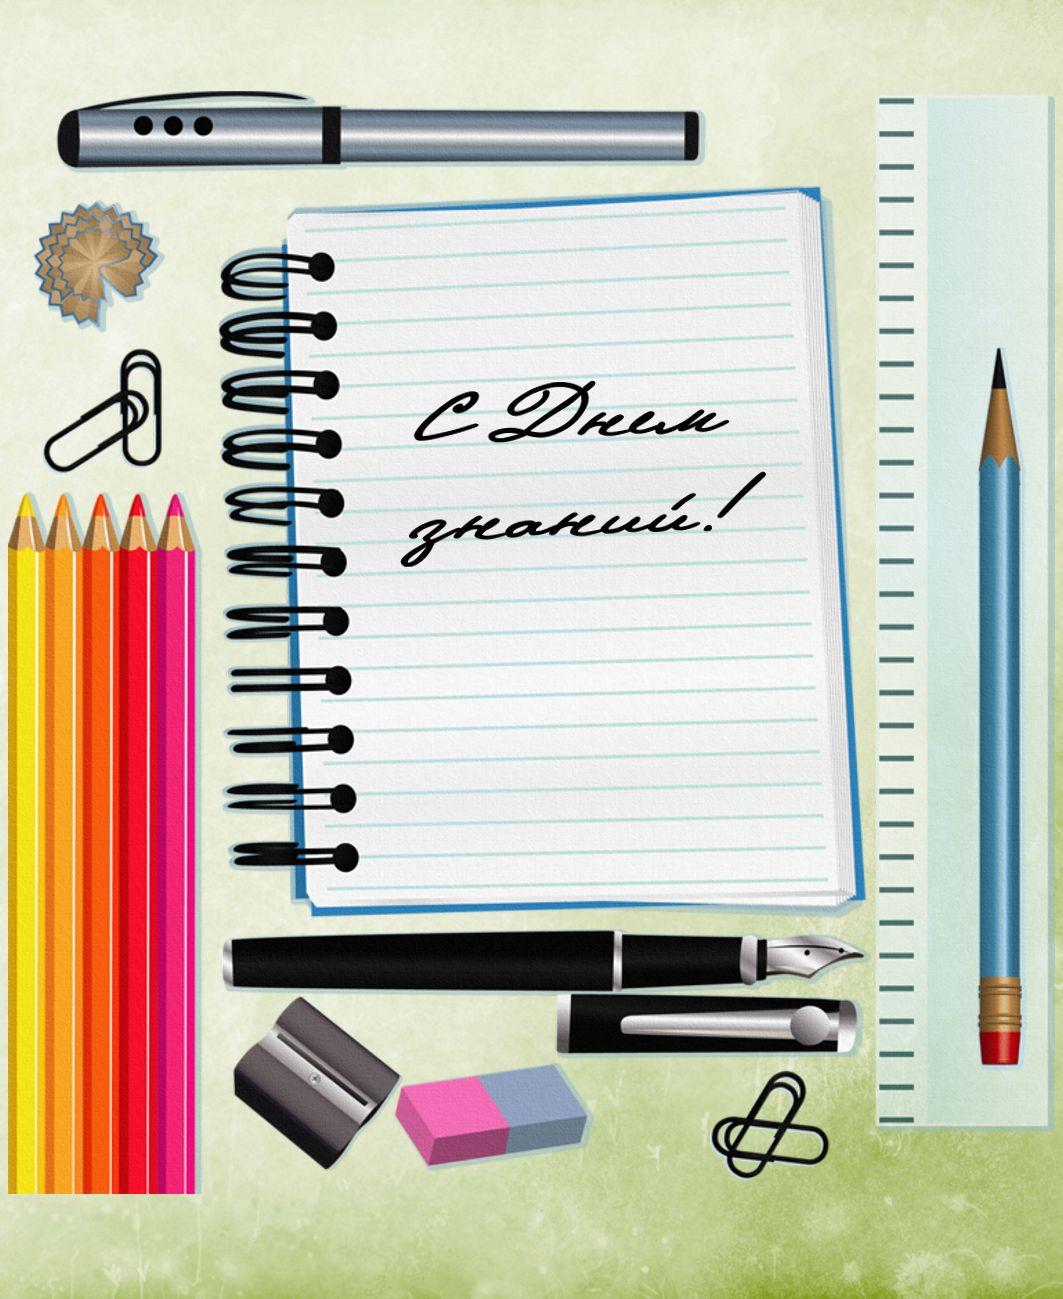 открытка - с Днем знаний на фоне канцелярских принадлежностей